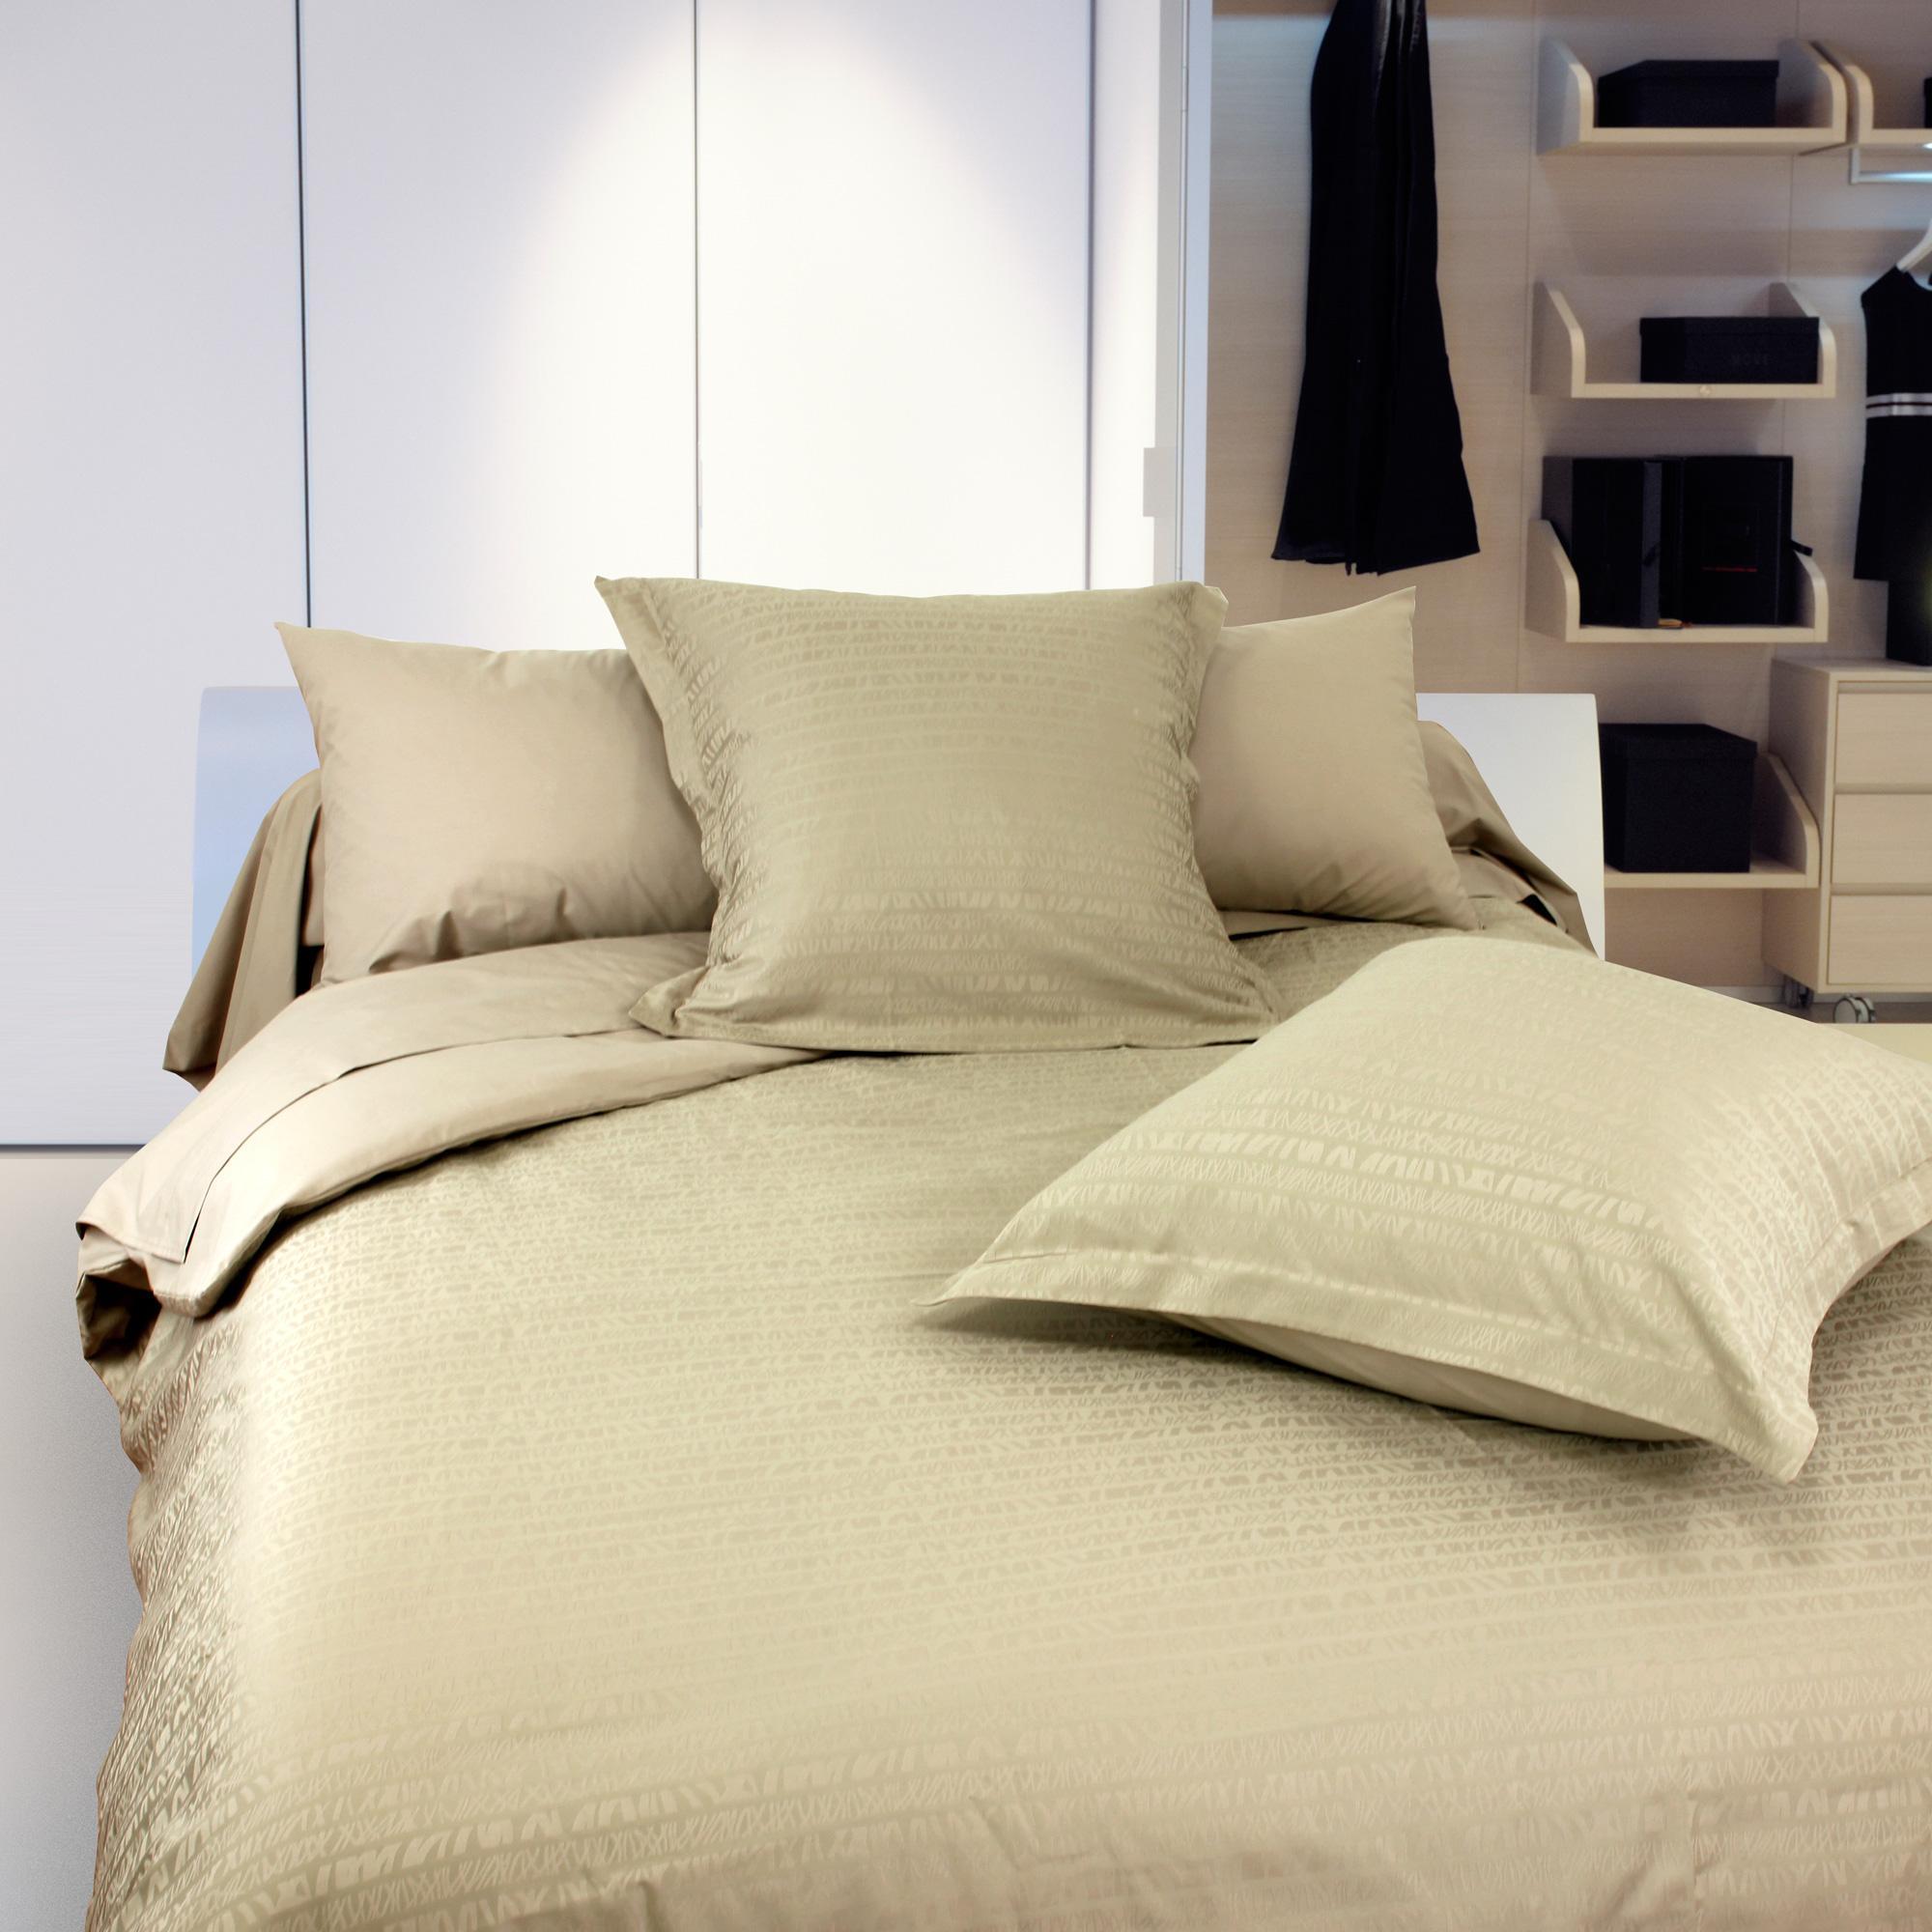 housse de couette 280x240 satin de coton victoire marron clair ebay. Black Bedroom Furniture Sets. Home Design Ideas